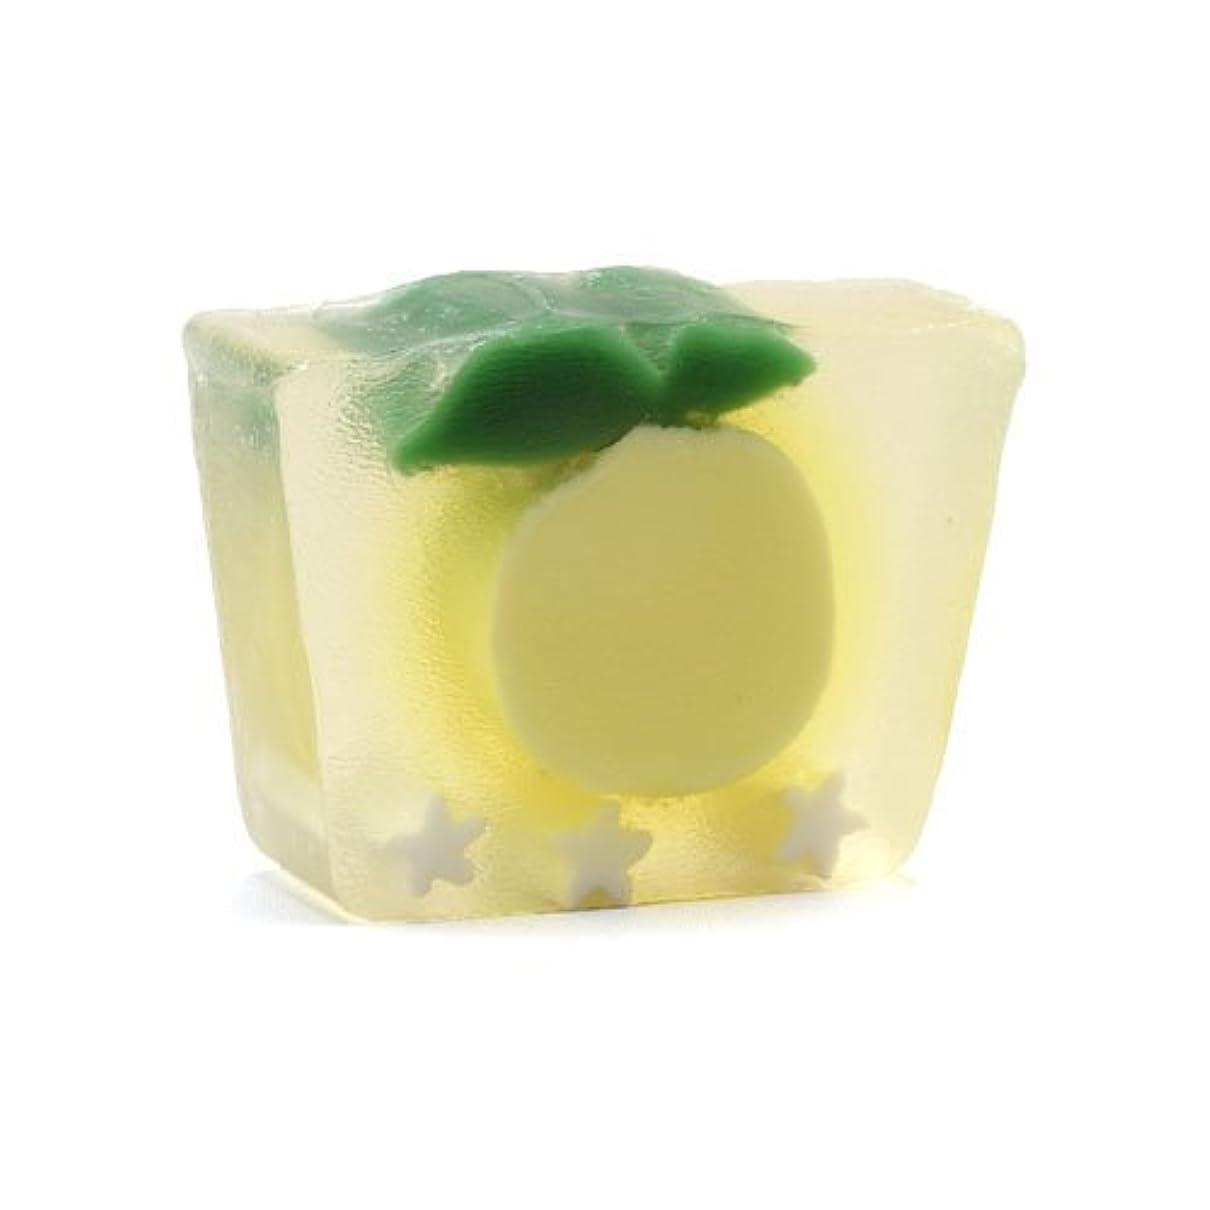 写真を撮る可愛いアサートプライモールエレメンツ アロマティック ミニソープ カリフォルニアレモン 80g 植物性 ナチュラル 石鹸 無添加